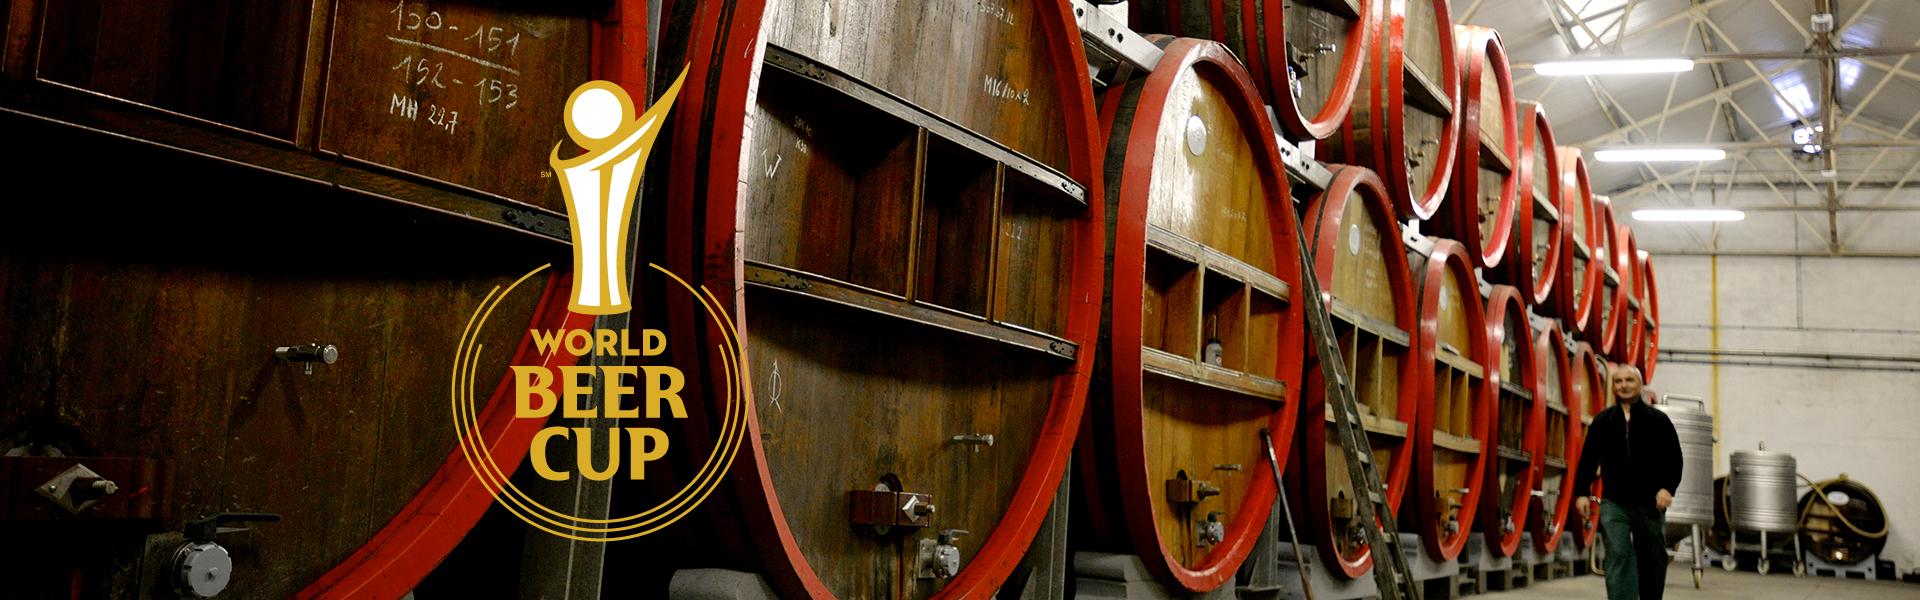 Boon Brewery vann guld på World Beer Cup för sjätte året i rad.